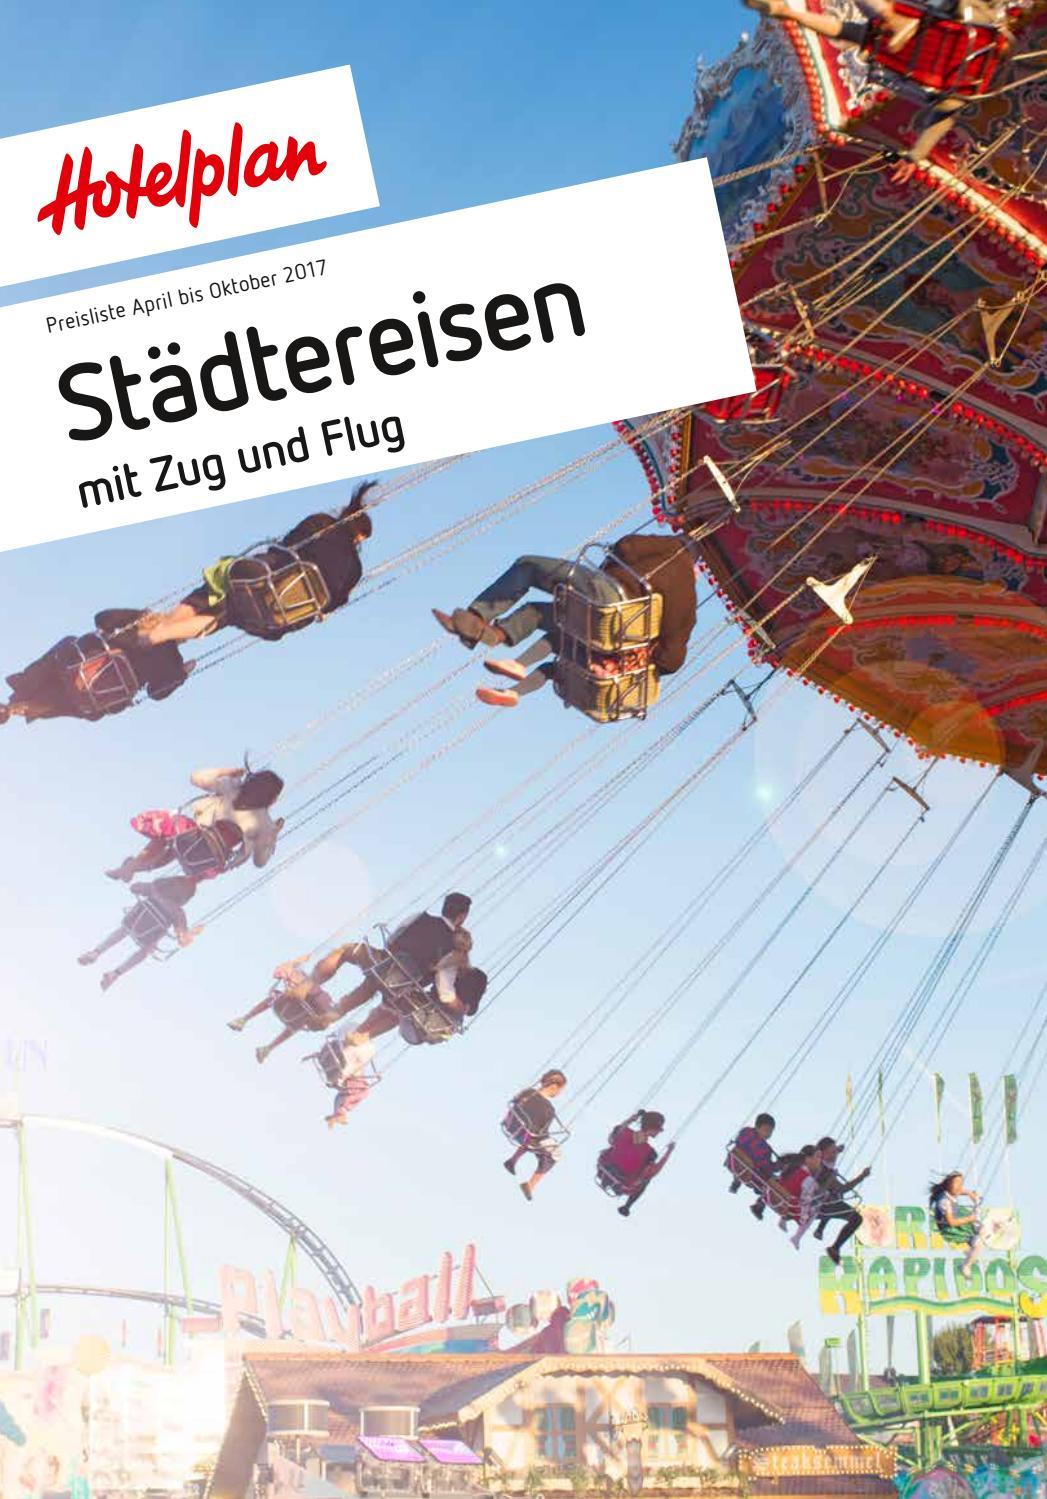 Preisliste Hotelplan Stadtereisen April Bis Oktober 2017 By Suisse MTCH AG